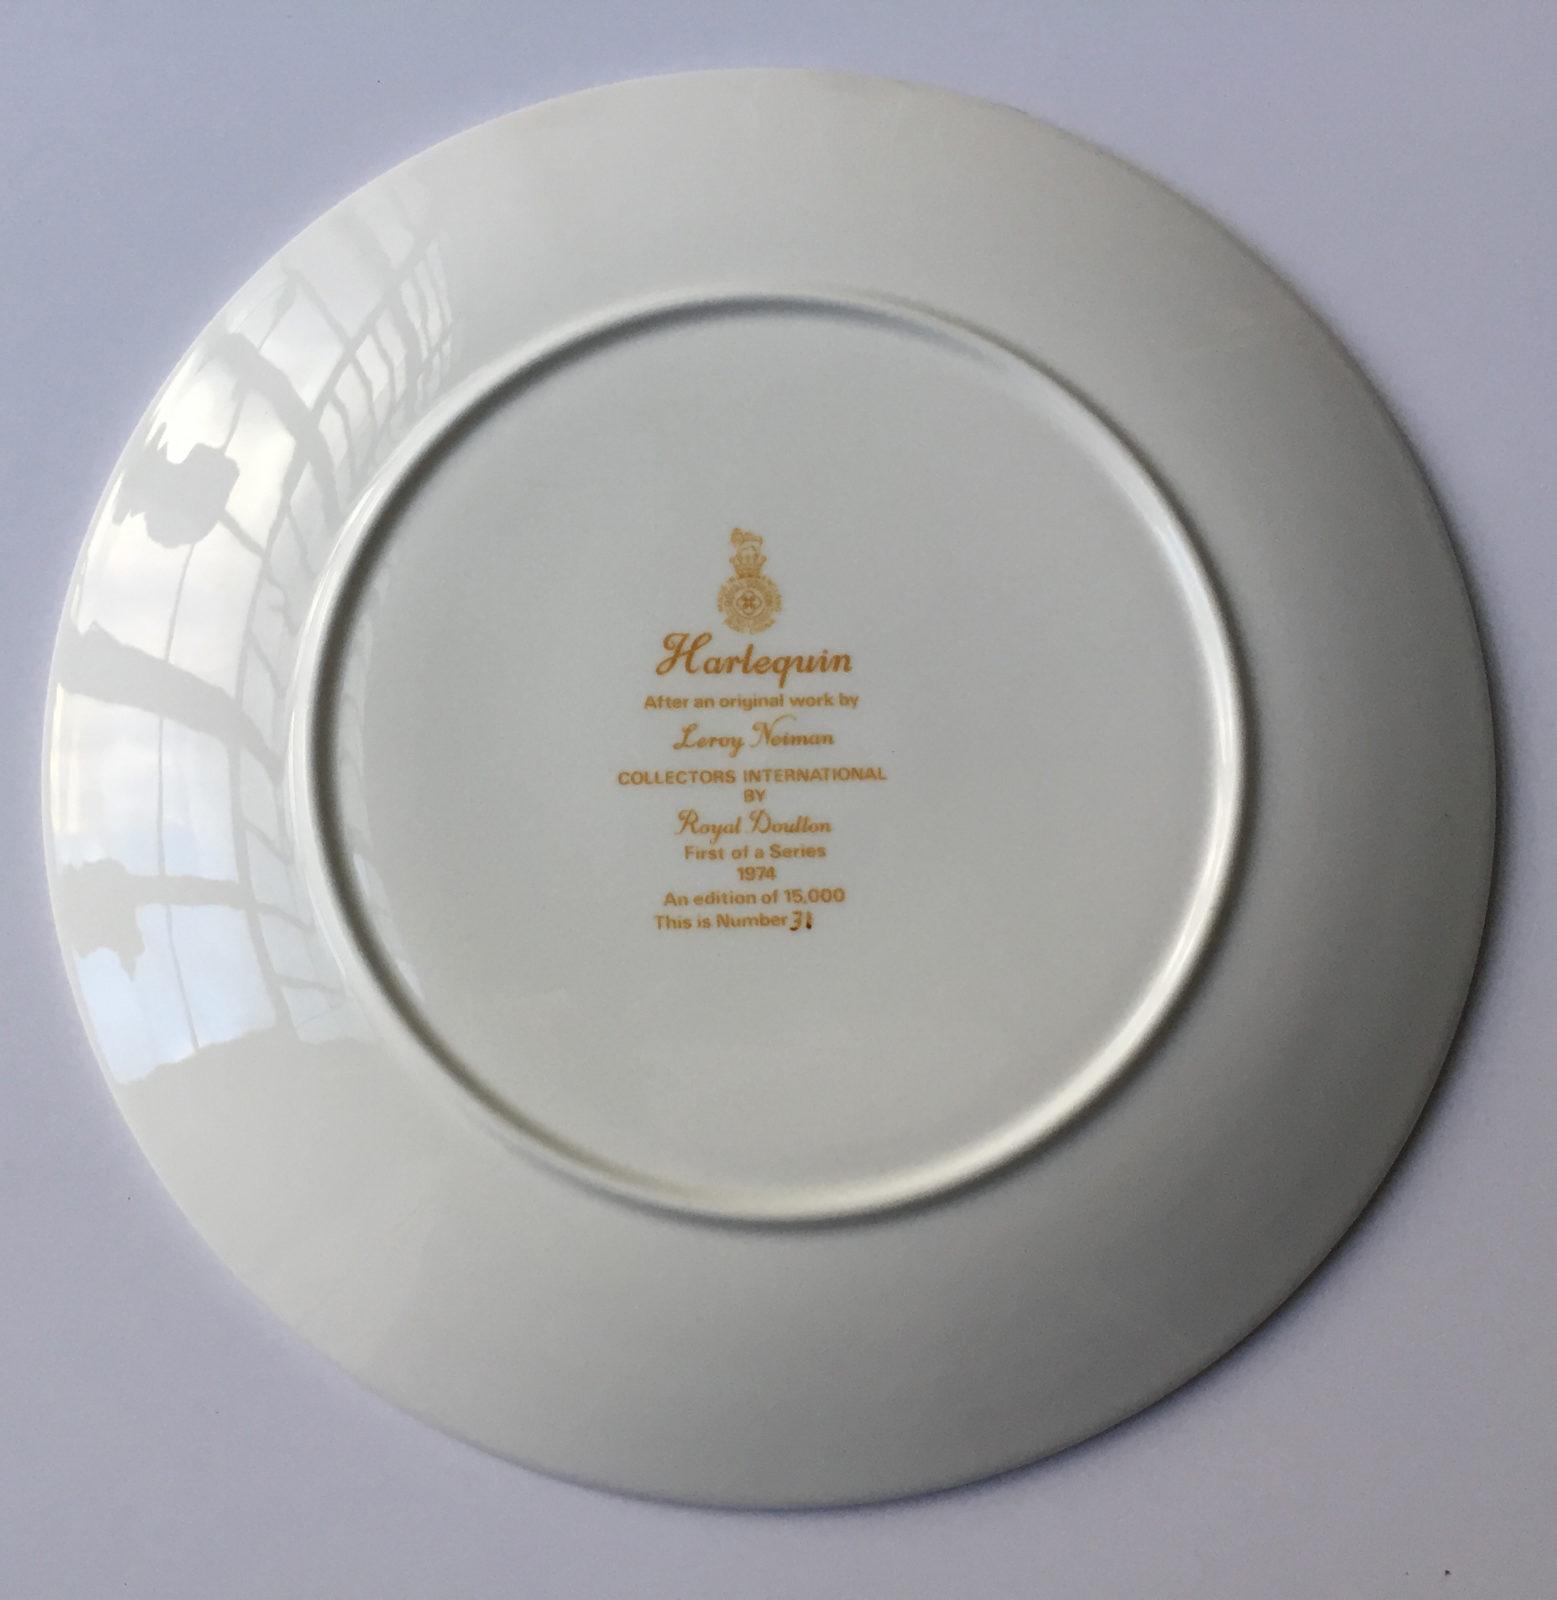 Harlequin plate (Back)